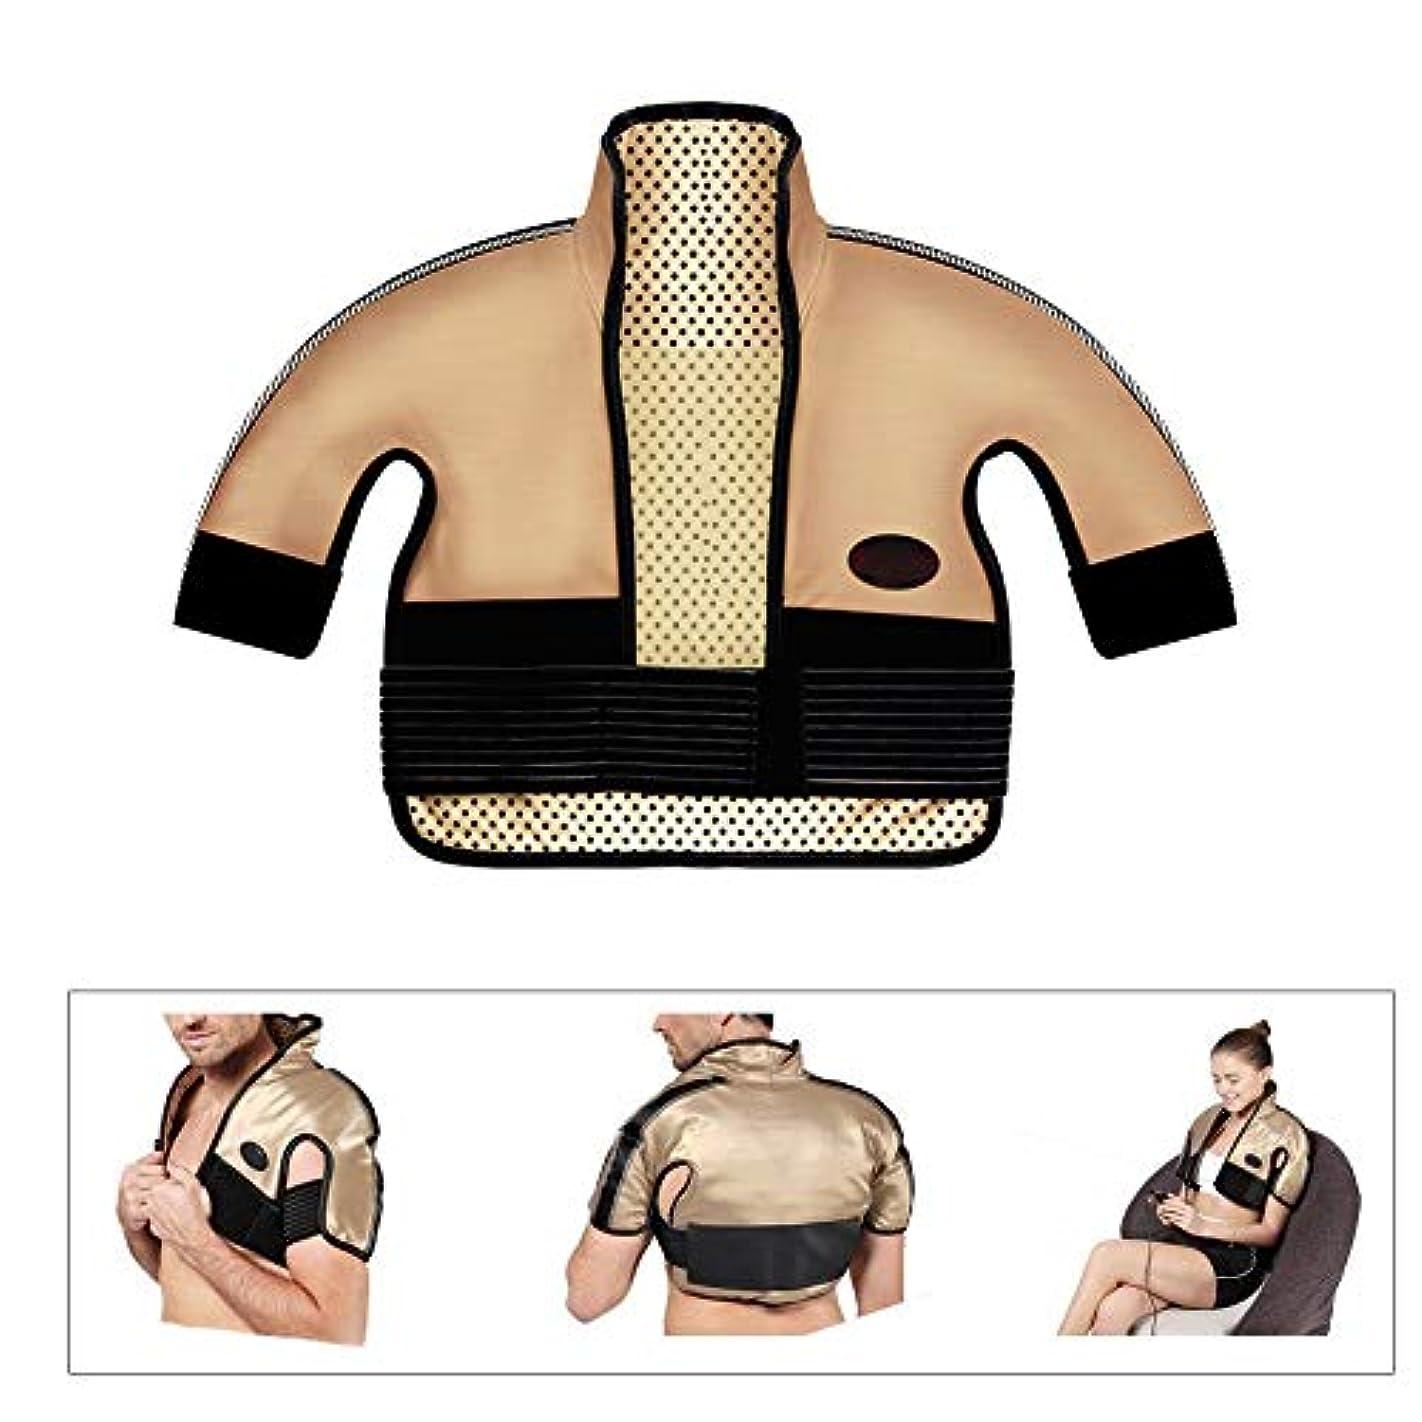 スキッパー埋め込む大腿肩と首の電気加熱パッド - 混練加熱、痛み緩和加熱パッドを叩く、医療用品マッサージベスト(肩幅用:40-65CM)